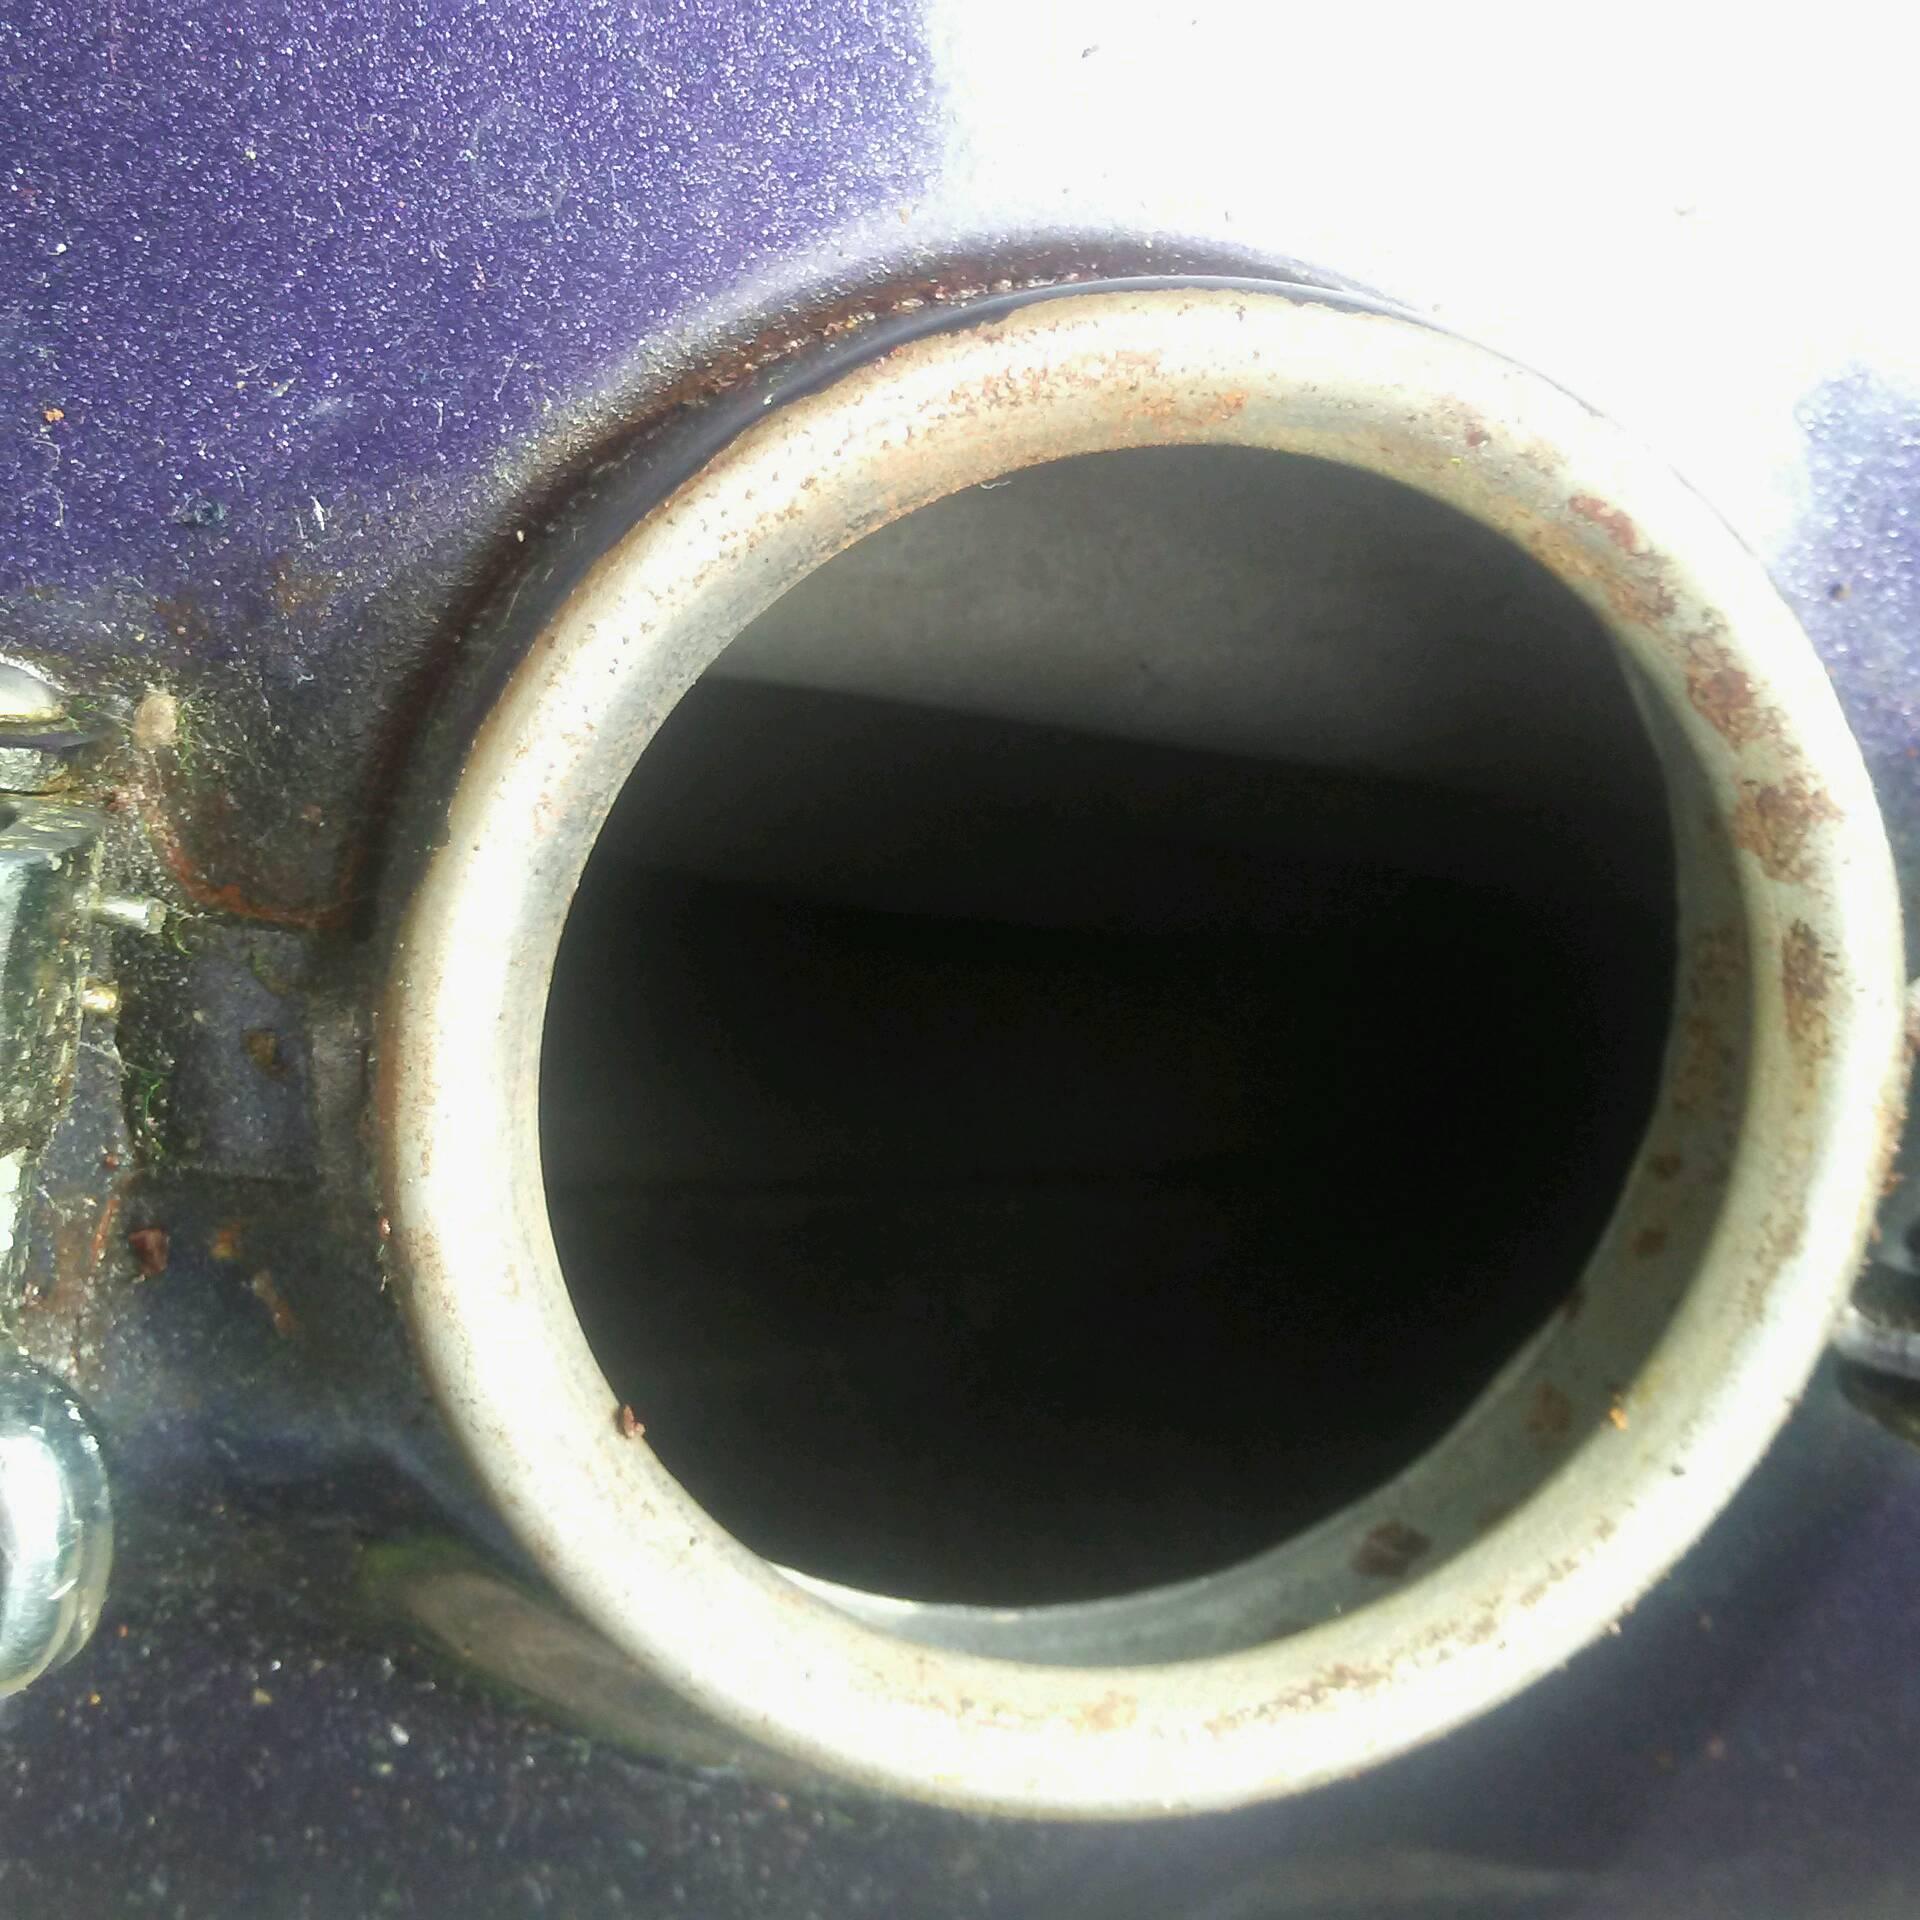 1973 CB350 & 1971 CB350 Parts-20180811_112333.jpg